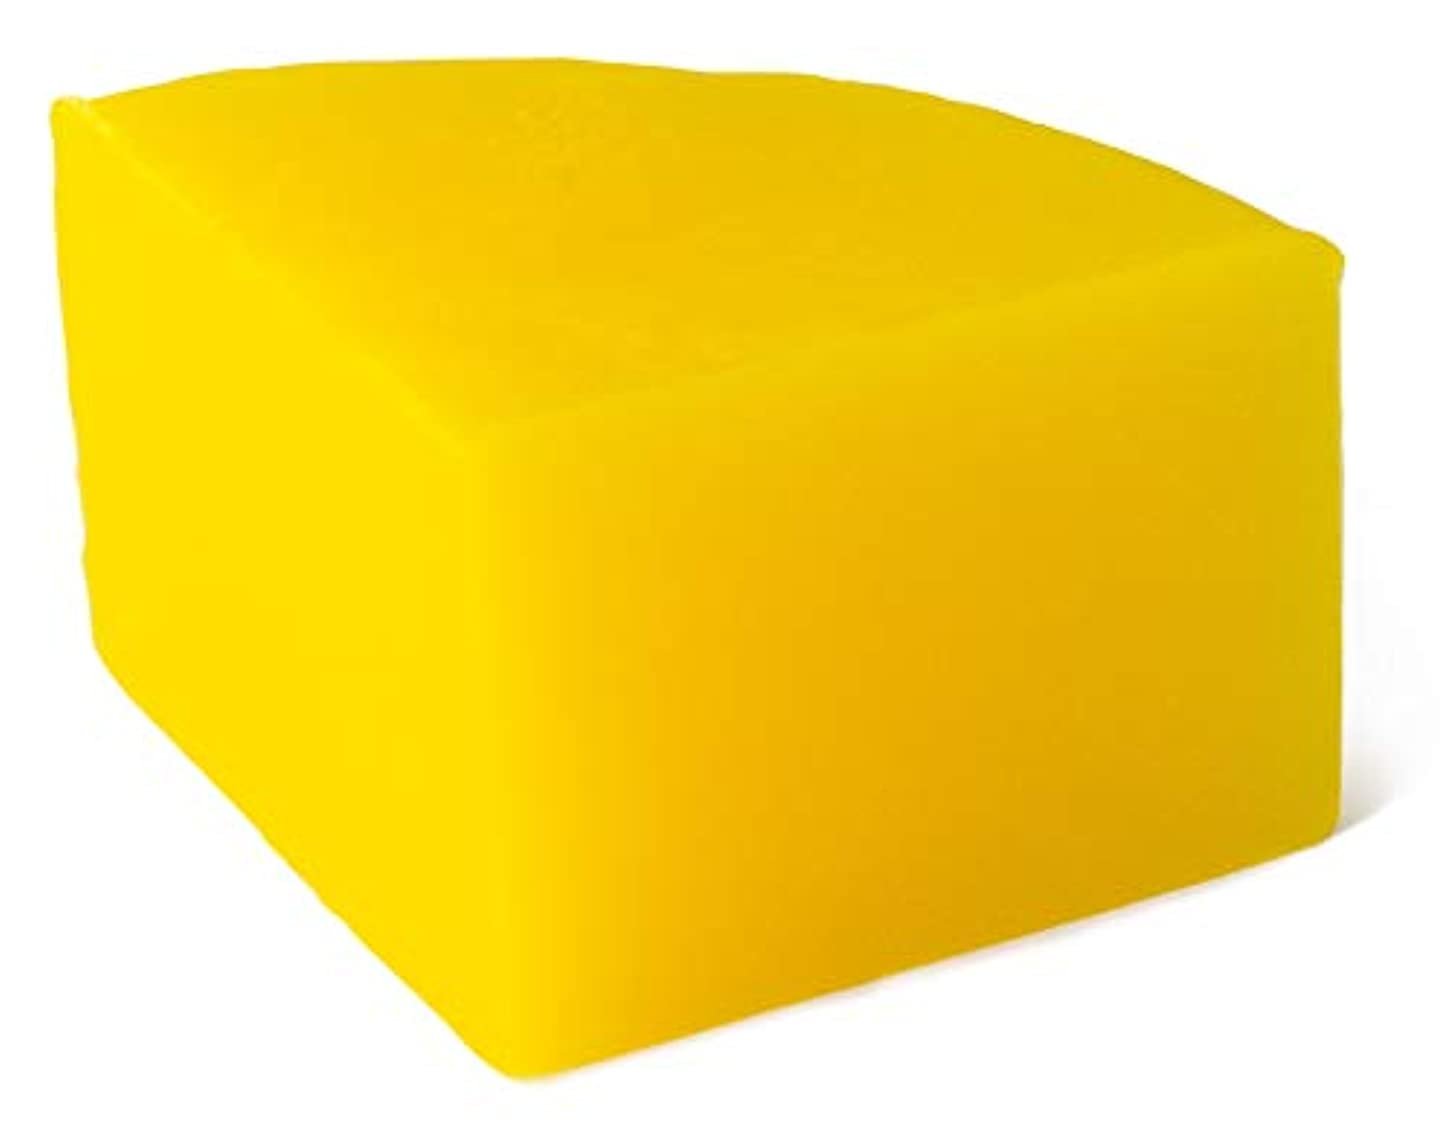 どれか時代ジャンプするグリセリン クリアソープ 色チップ 黄 25g (MPソープ)